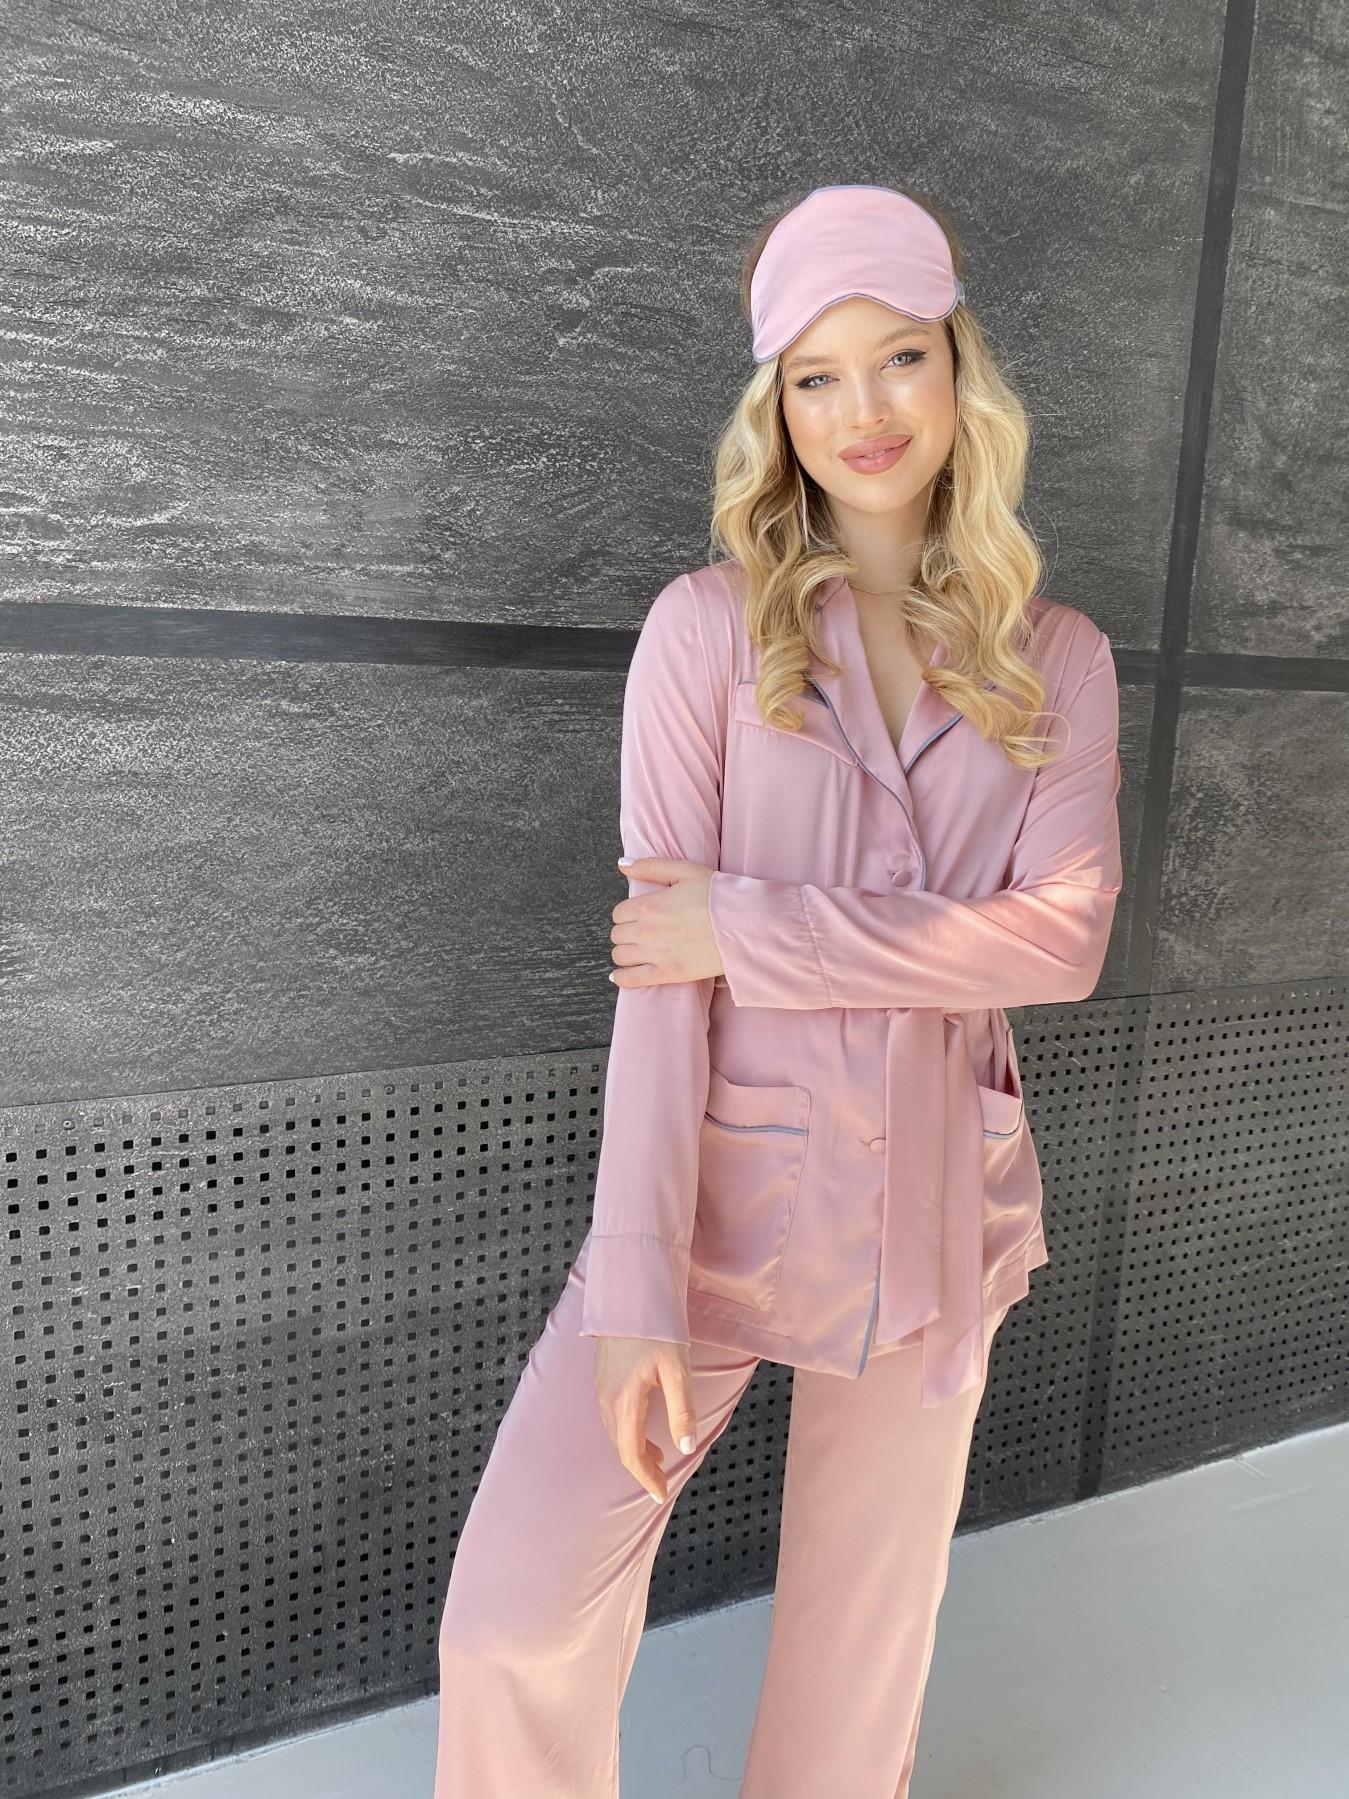 Шайн костюм из шелка  10778 АРТ. 47213 Цвет: Розовый - фото 4, интернет магазин tm-modus.ru